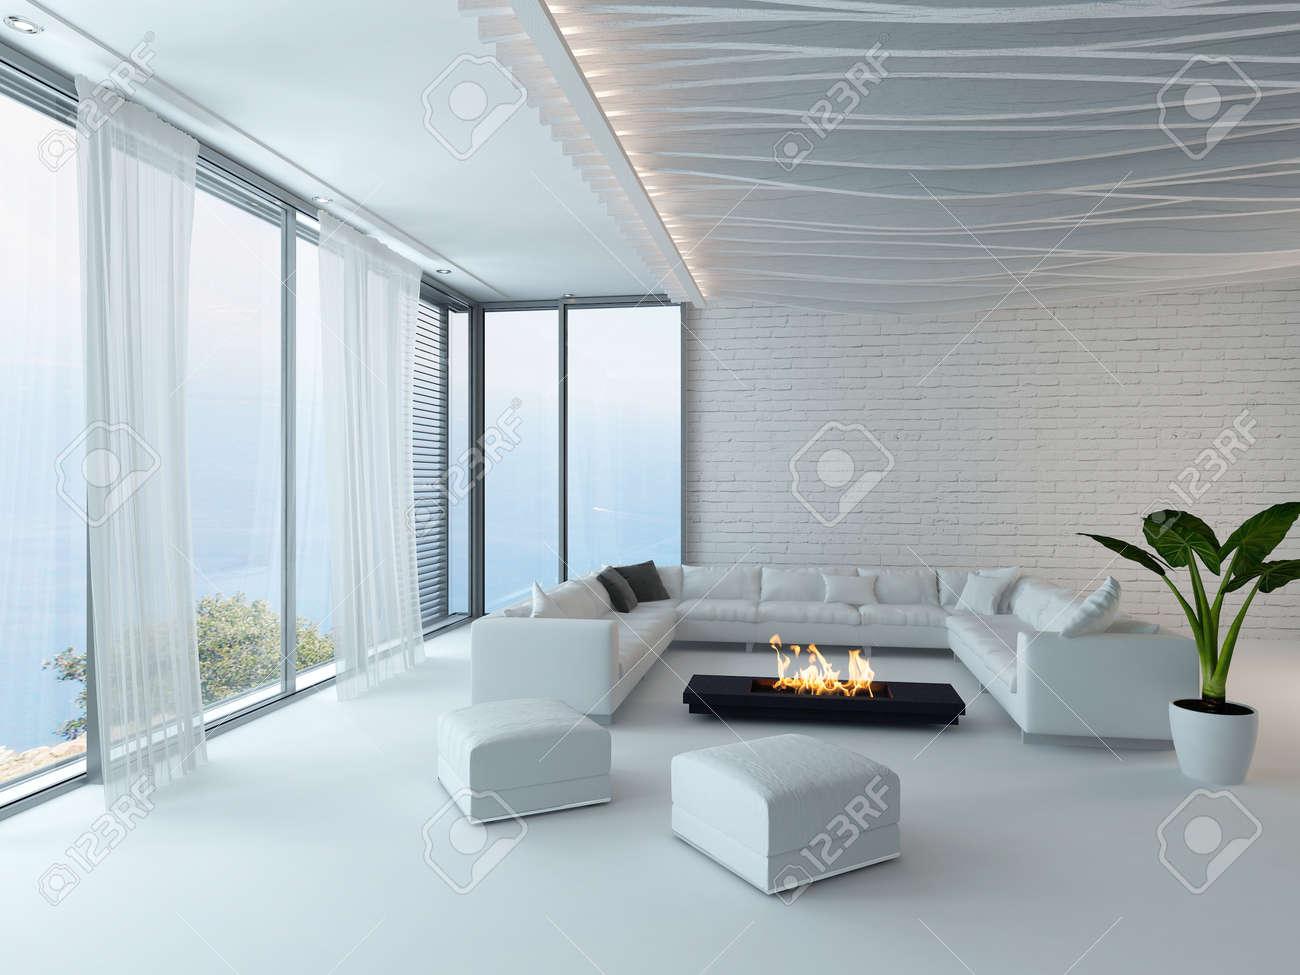 Modernes Design Weiß-Stil Wohnzimmer Innenraum Mit Kamin Lizenzfreie ...